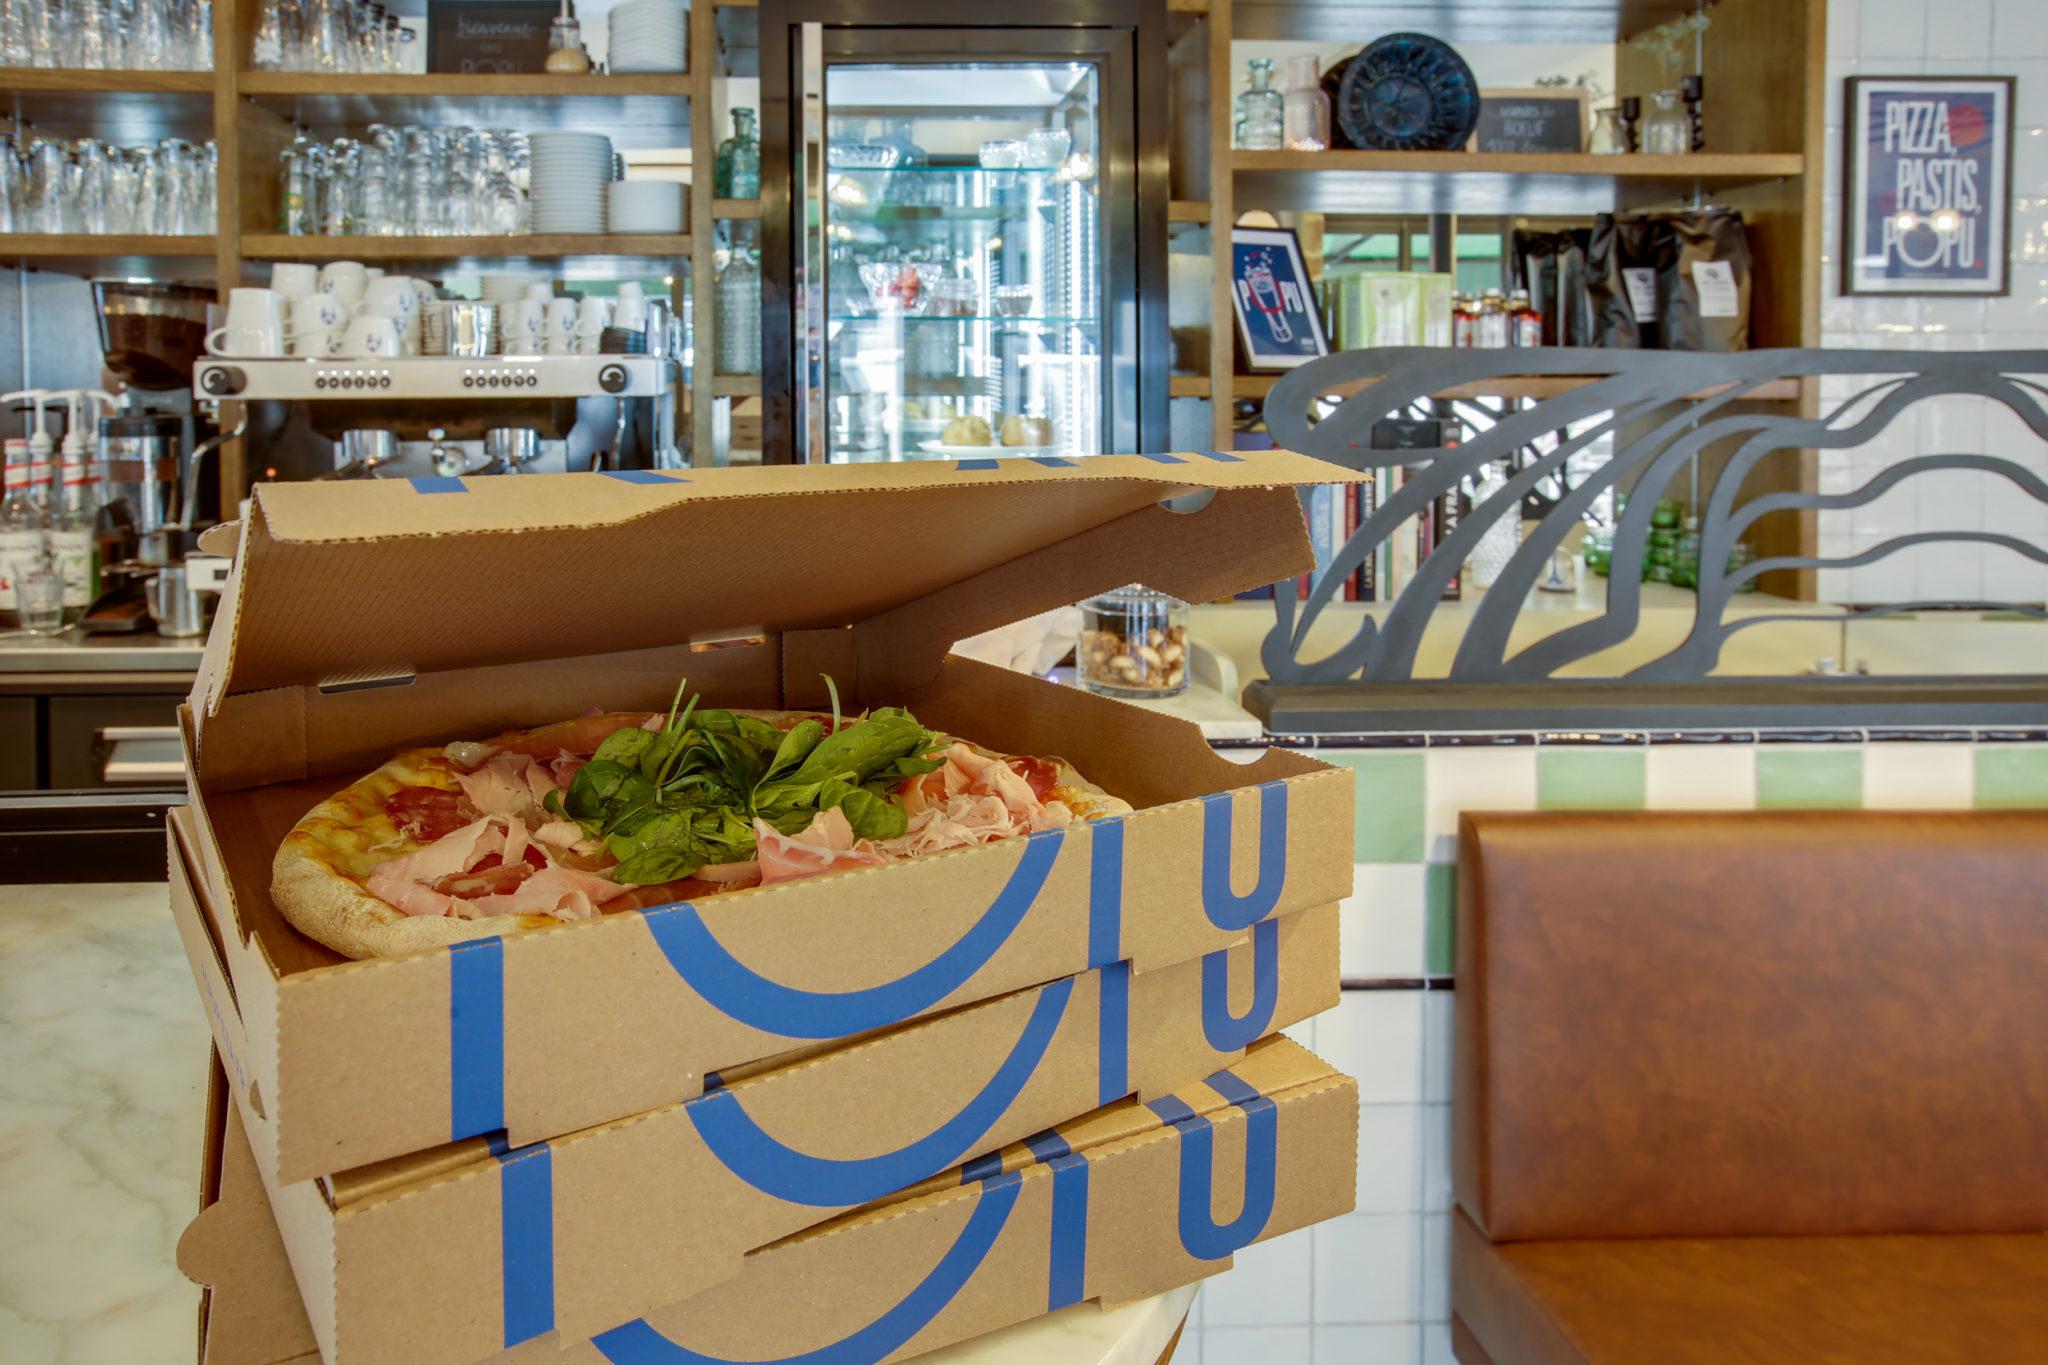 Popu Pizza sur place et à Emporter